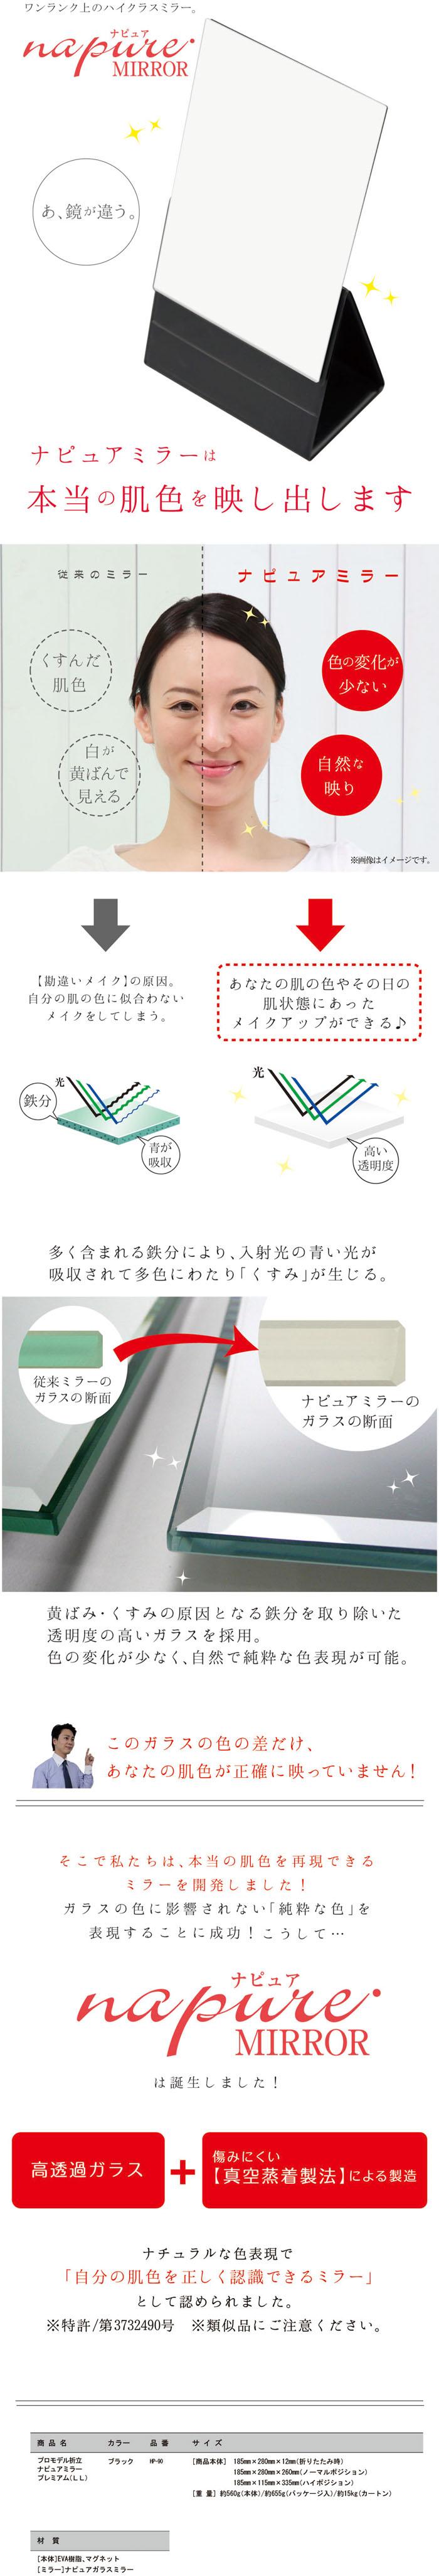 ナピュア折立プレミアムナピュア説明